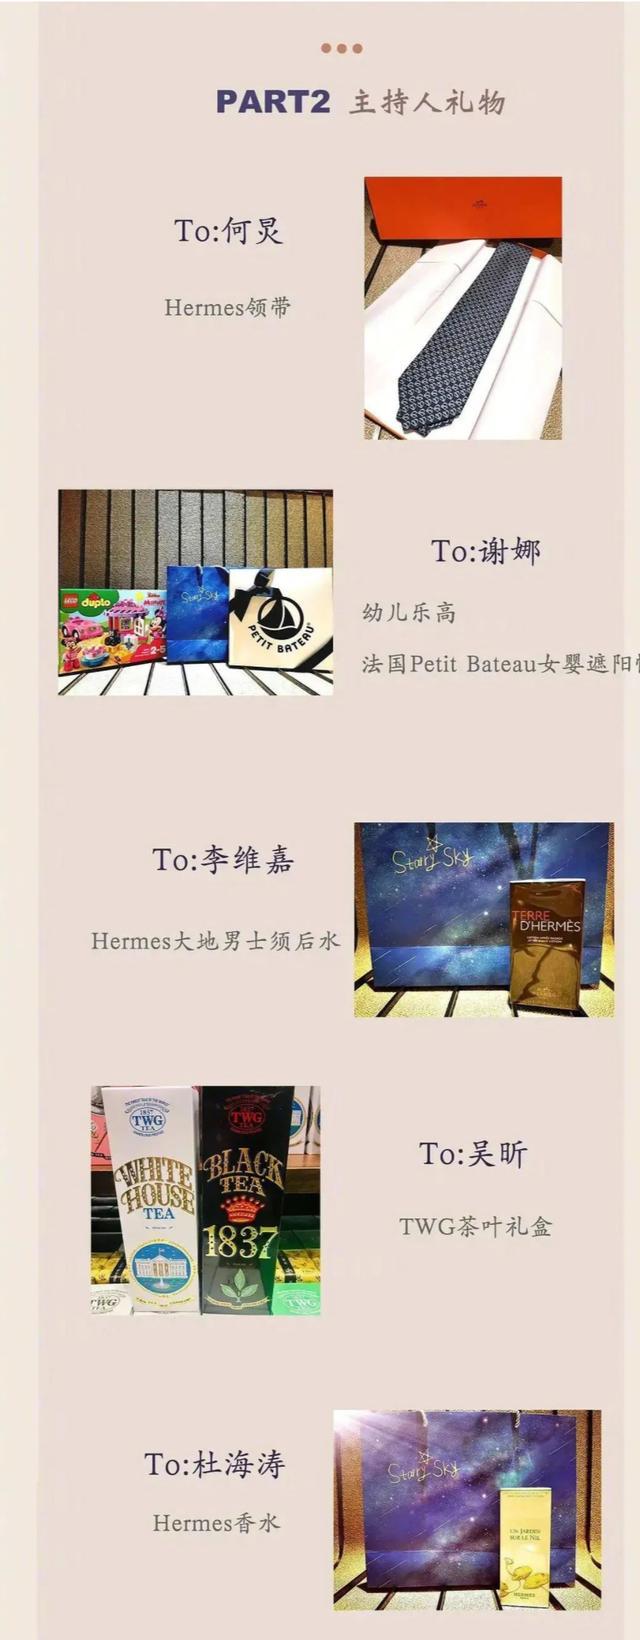 """""""粉头可在北京买几套房!""""何炅收粉丝礼物上热搜,明星应援产业链令人瞠目插图3"""